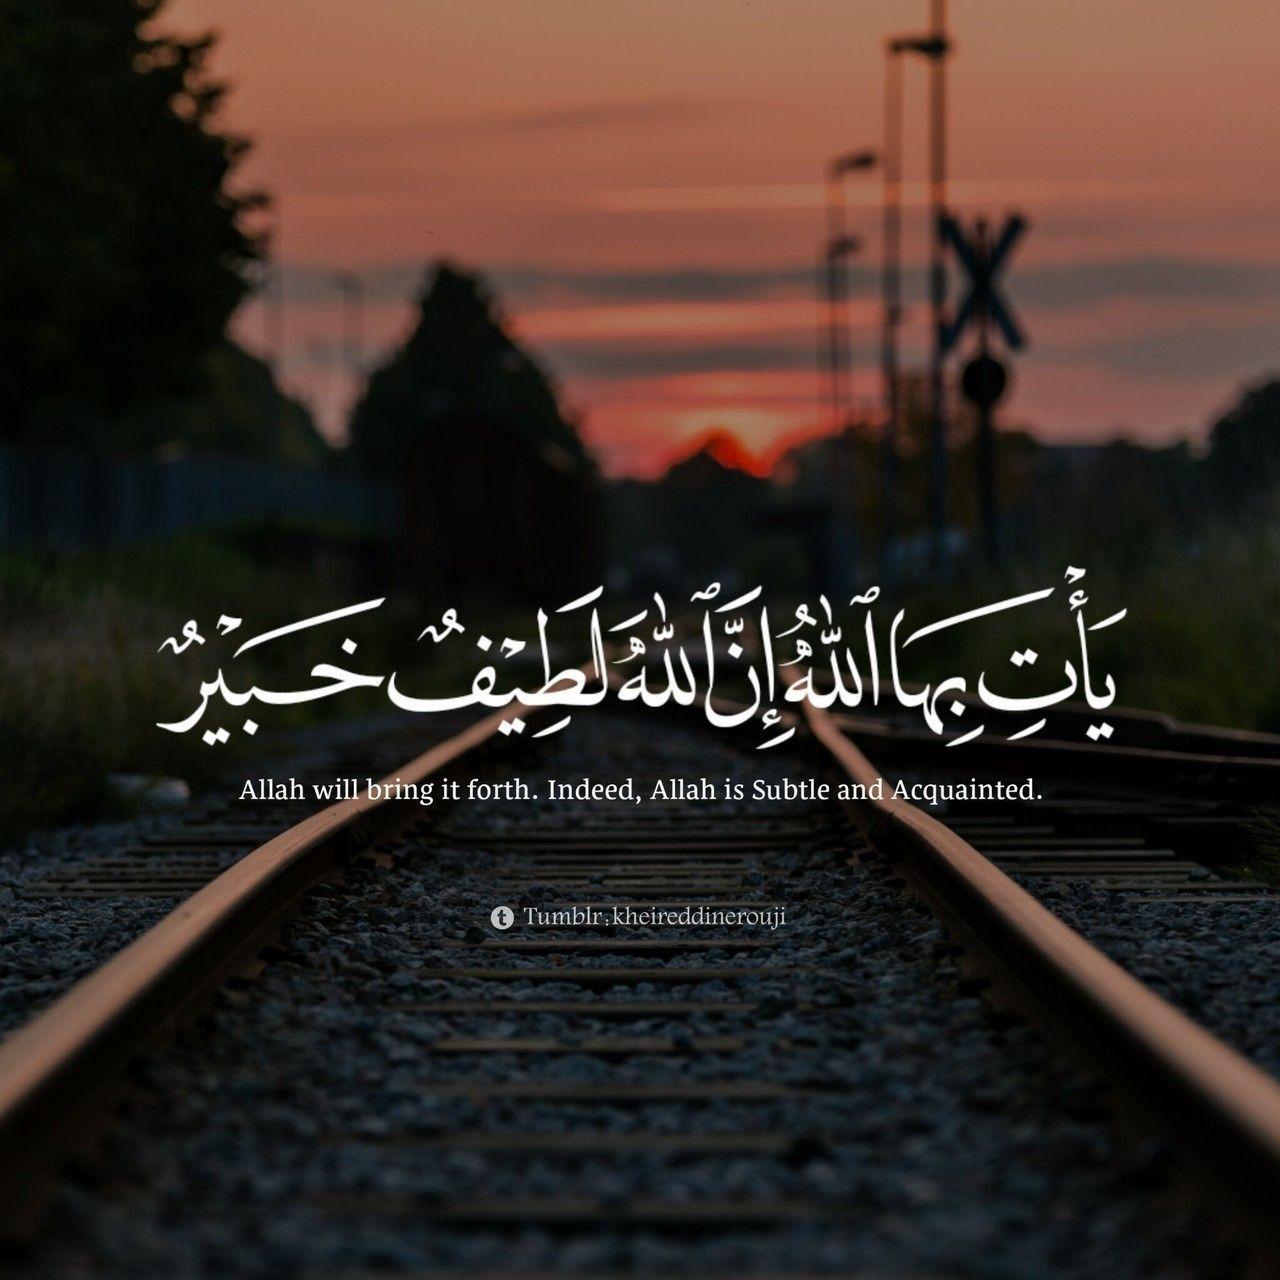 أدعية و أذكار تريح القلوب تقرب الى الله Islamic Pictures Quran Quotes Quran Verses